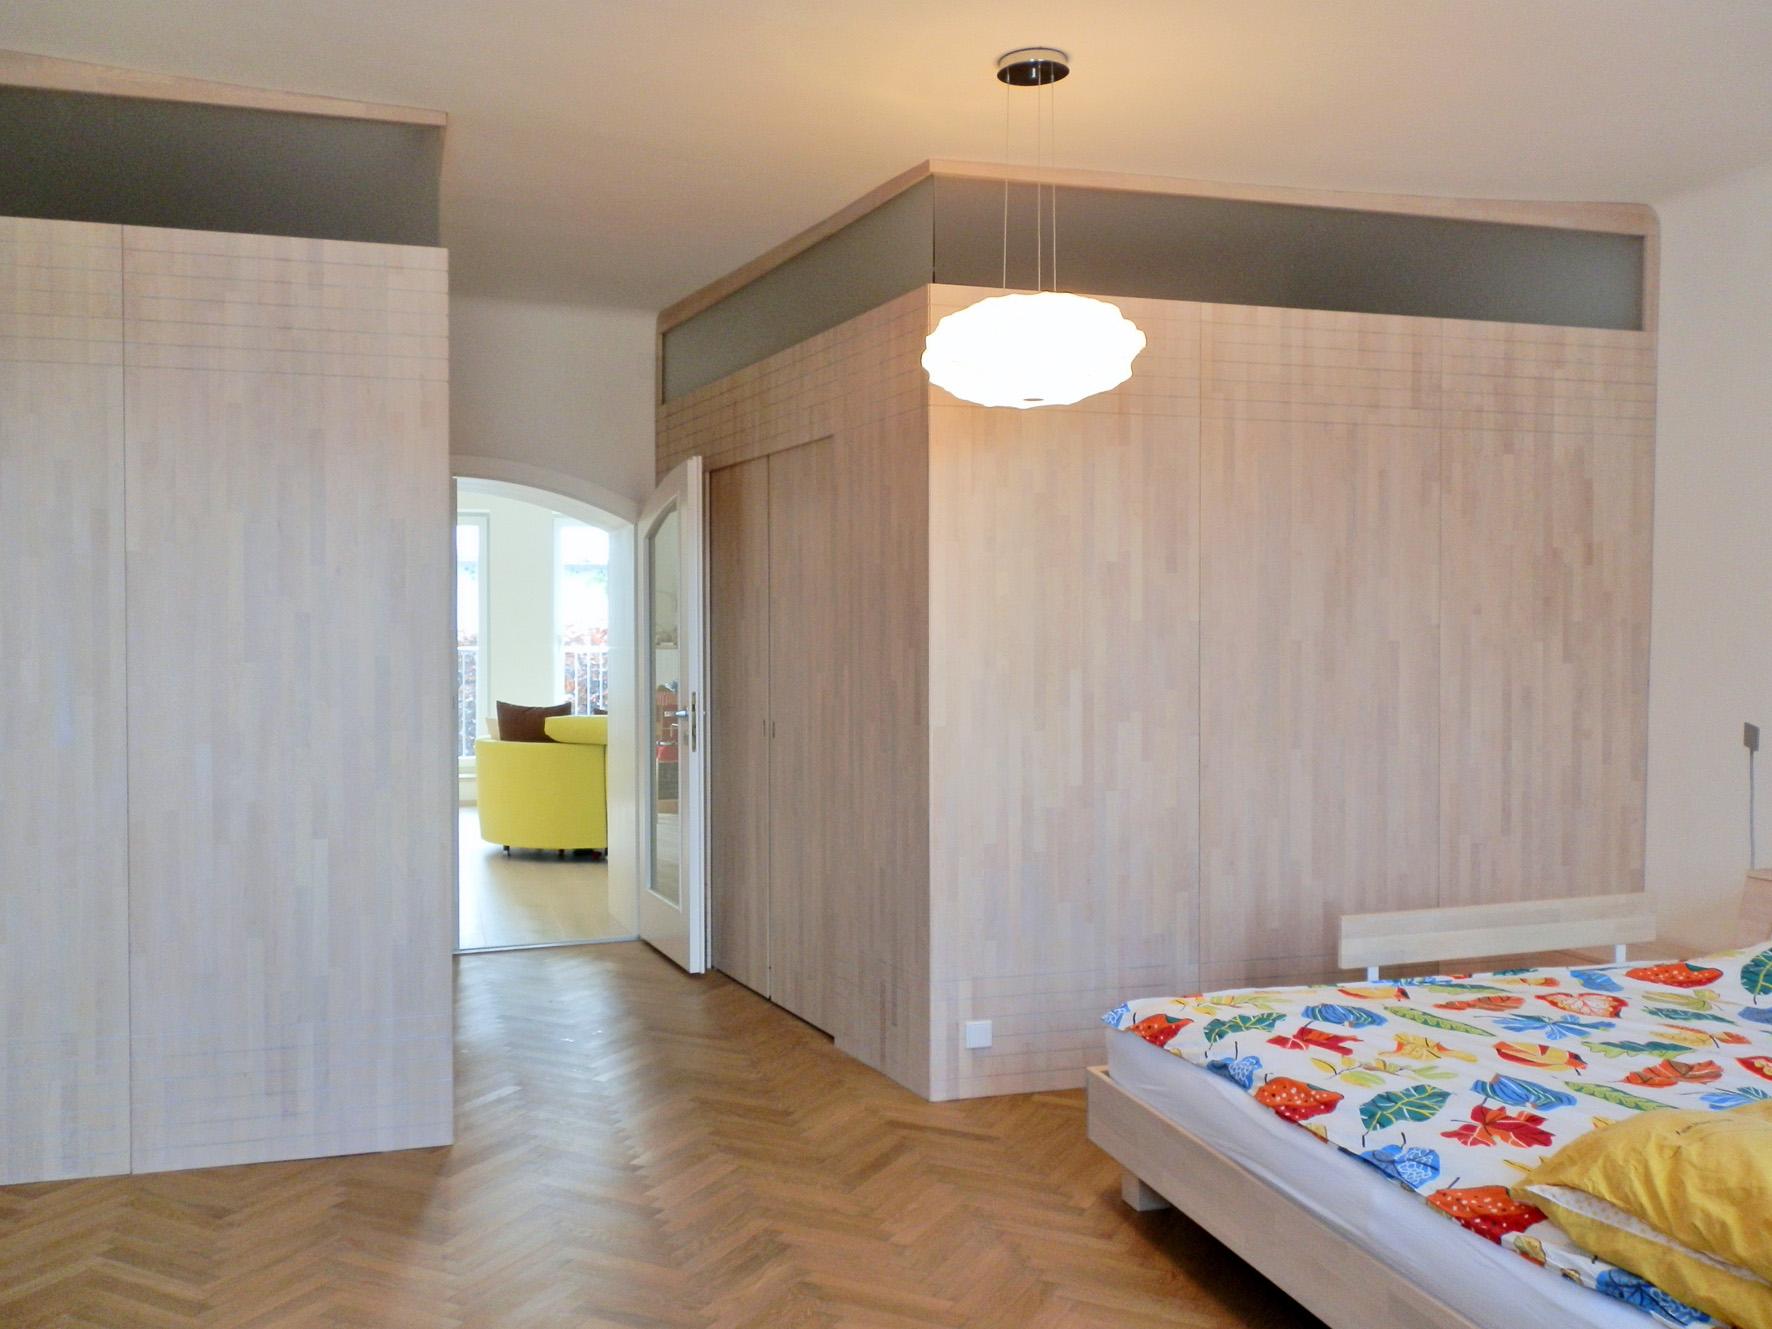 Blick Richtung Wohnzimmer, Raum(mit)gestaltung + Foto (C) Irmgard Brottrager